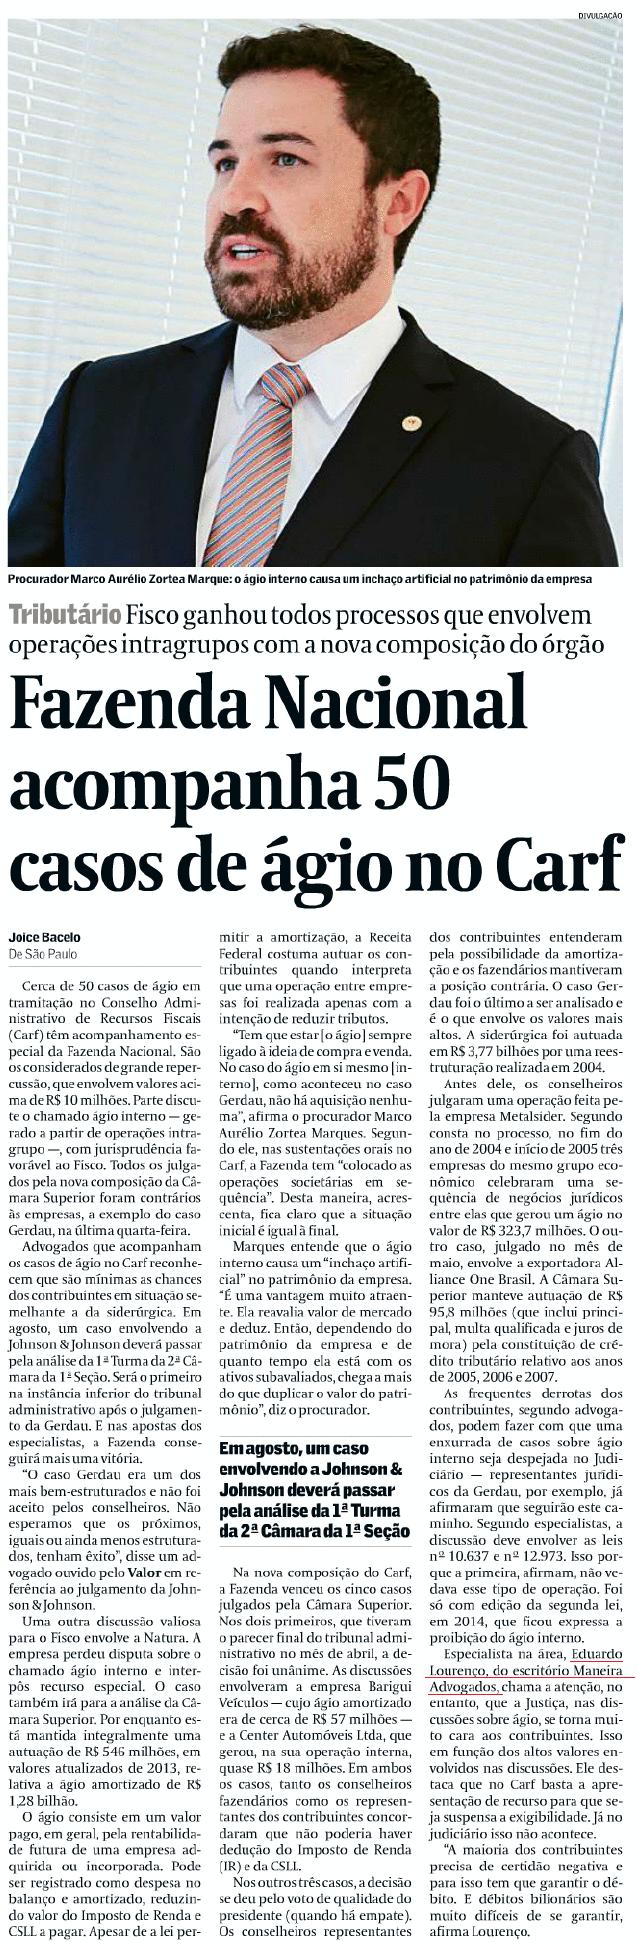 Fazenda Nacional acompanha 50 casos de ágio no Carf